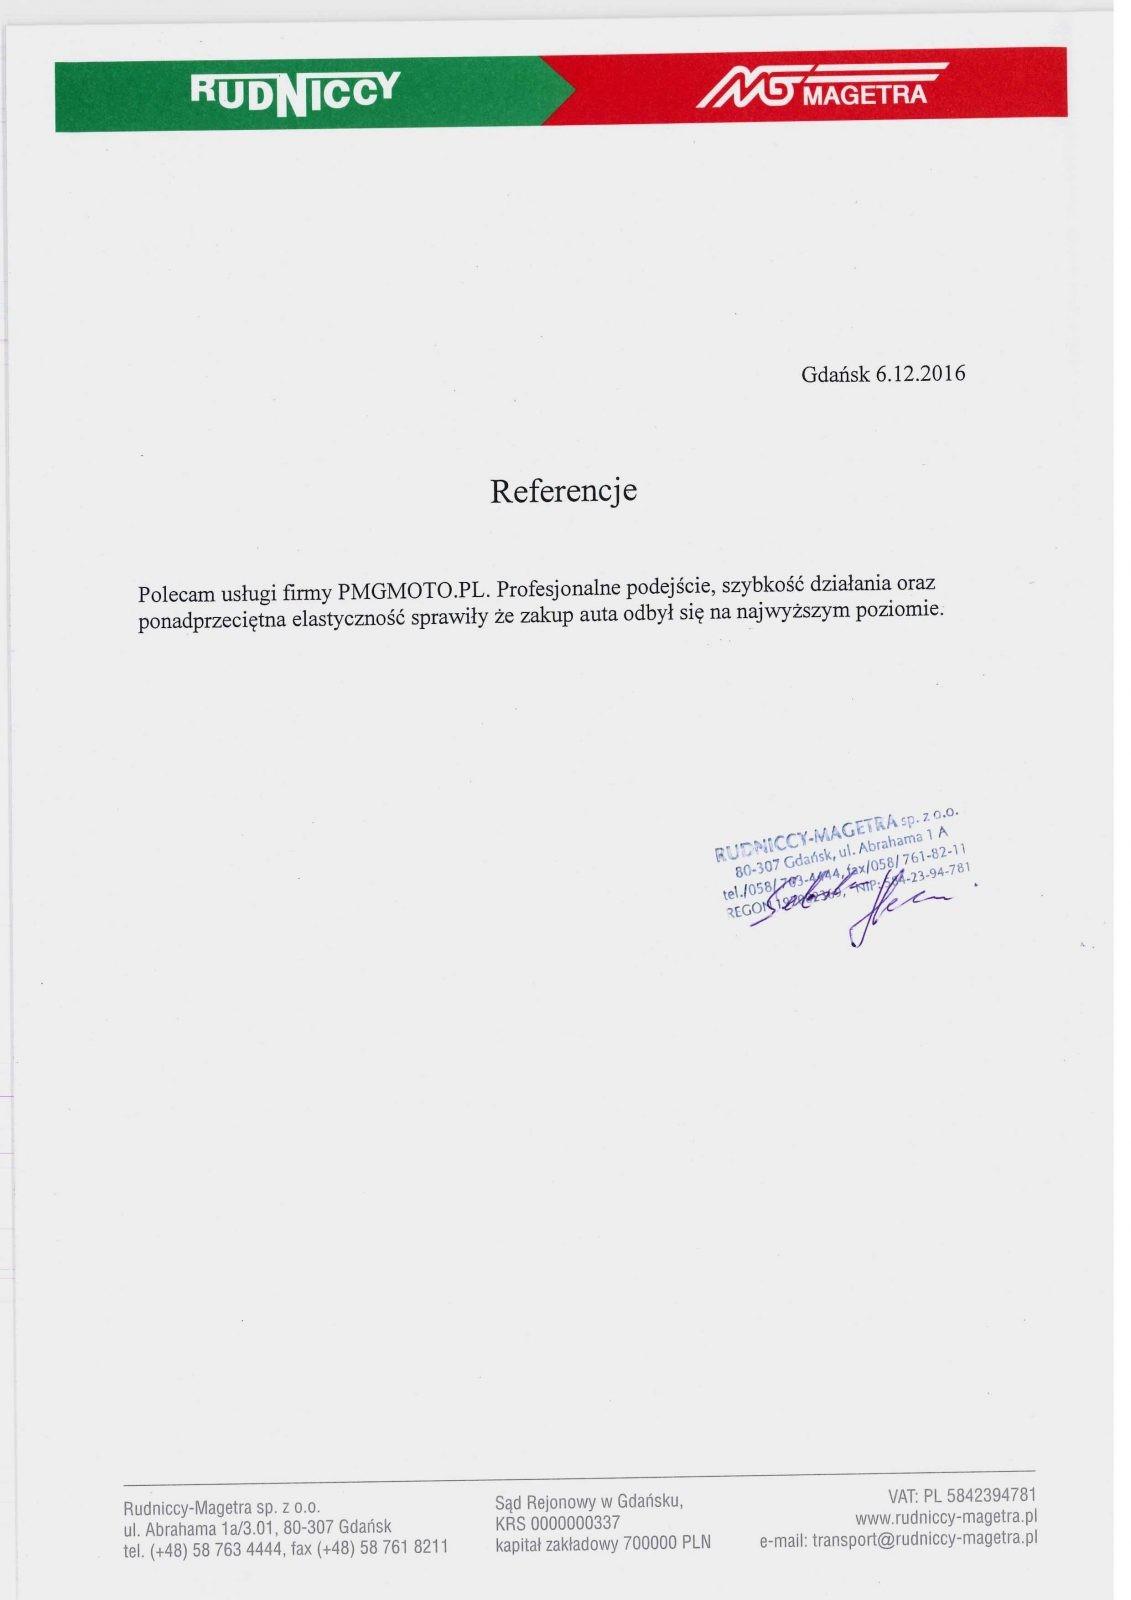 Rudniccy-Magetra    Sp. z o.o.